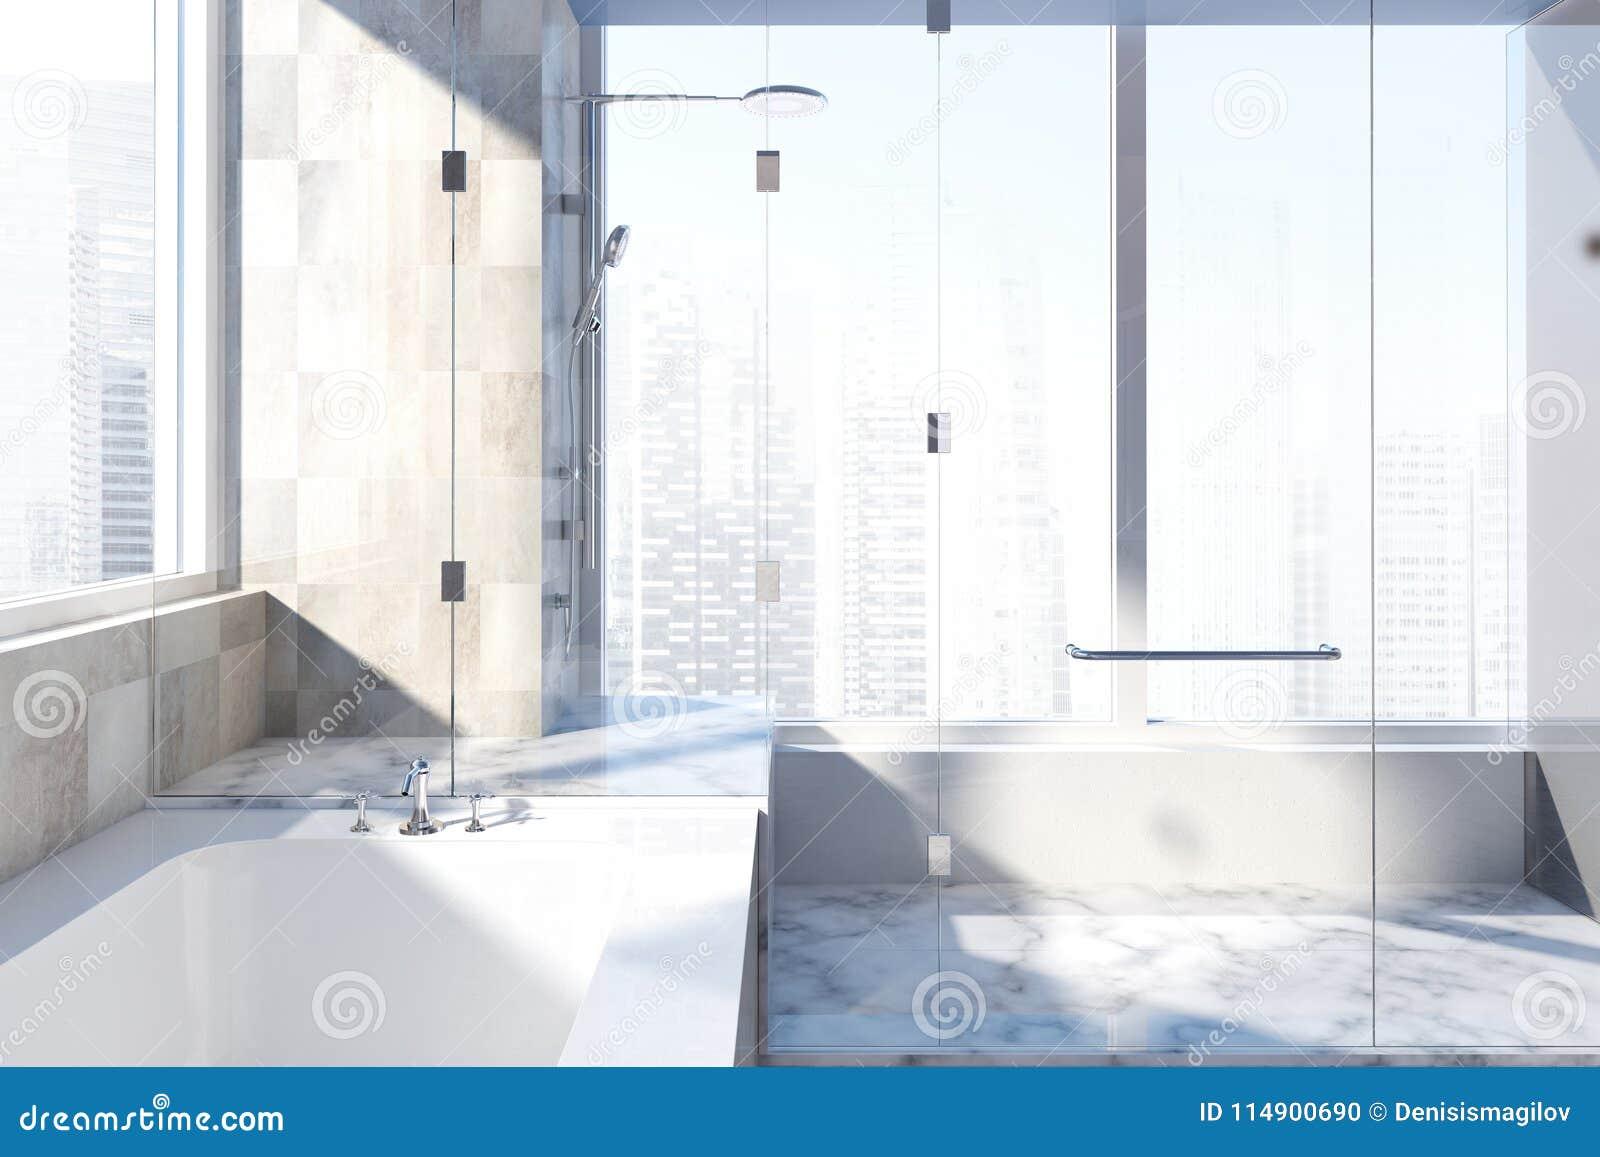 White Tiled Bathroom Interior Stock Illustration - Illustration of ...